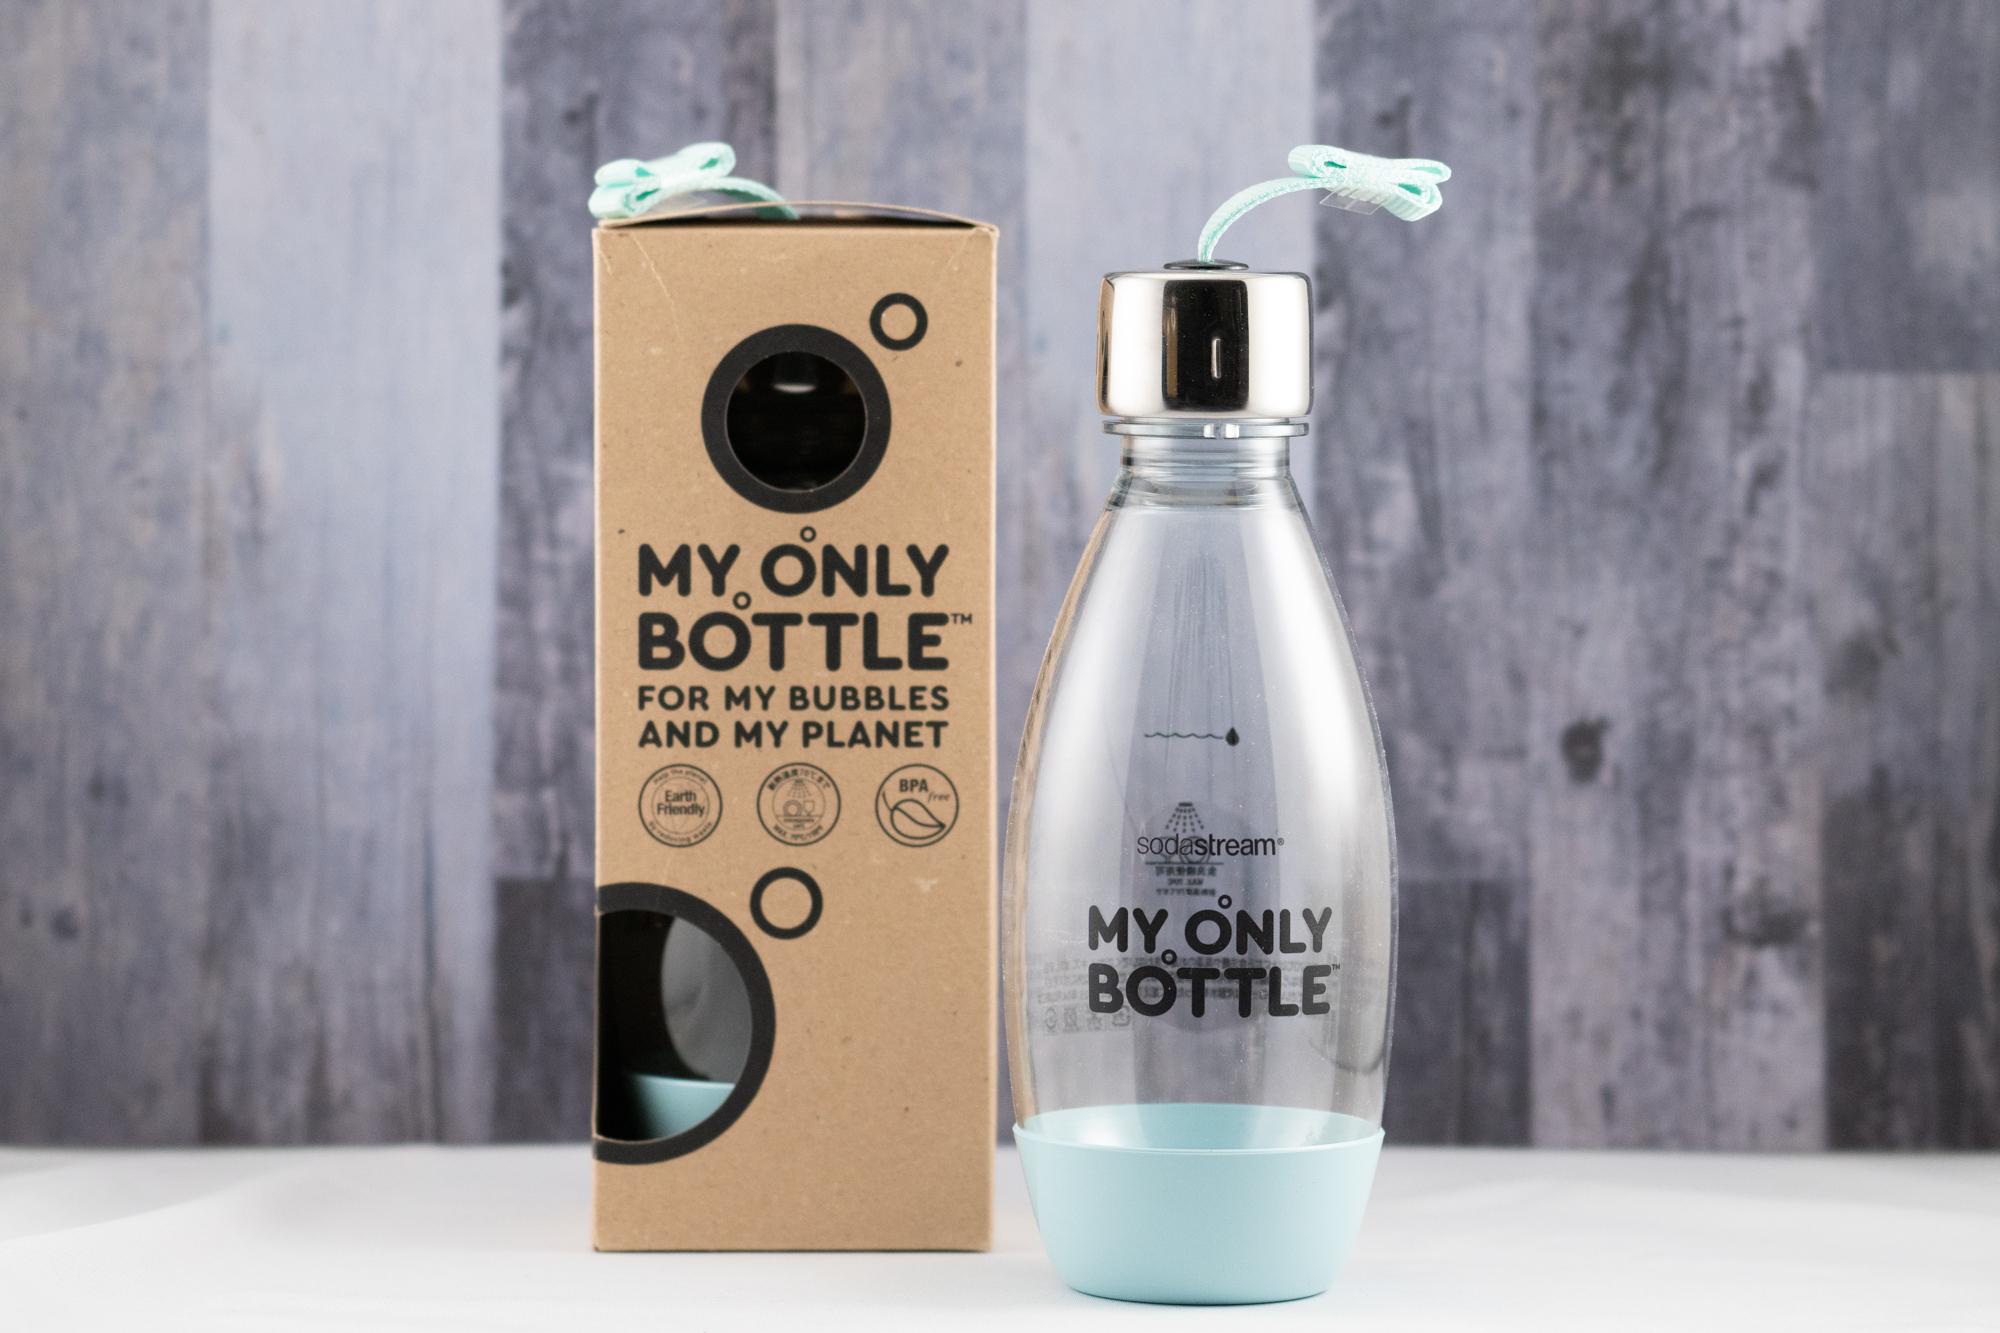 アイキャッチ:炭酸水もマイボトルで持ち歩く時代へ。ペットボトル削減を目指す …